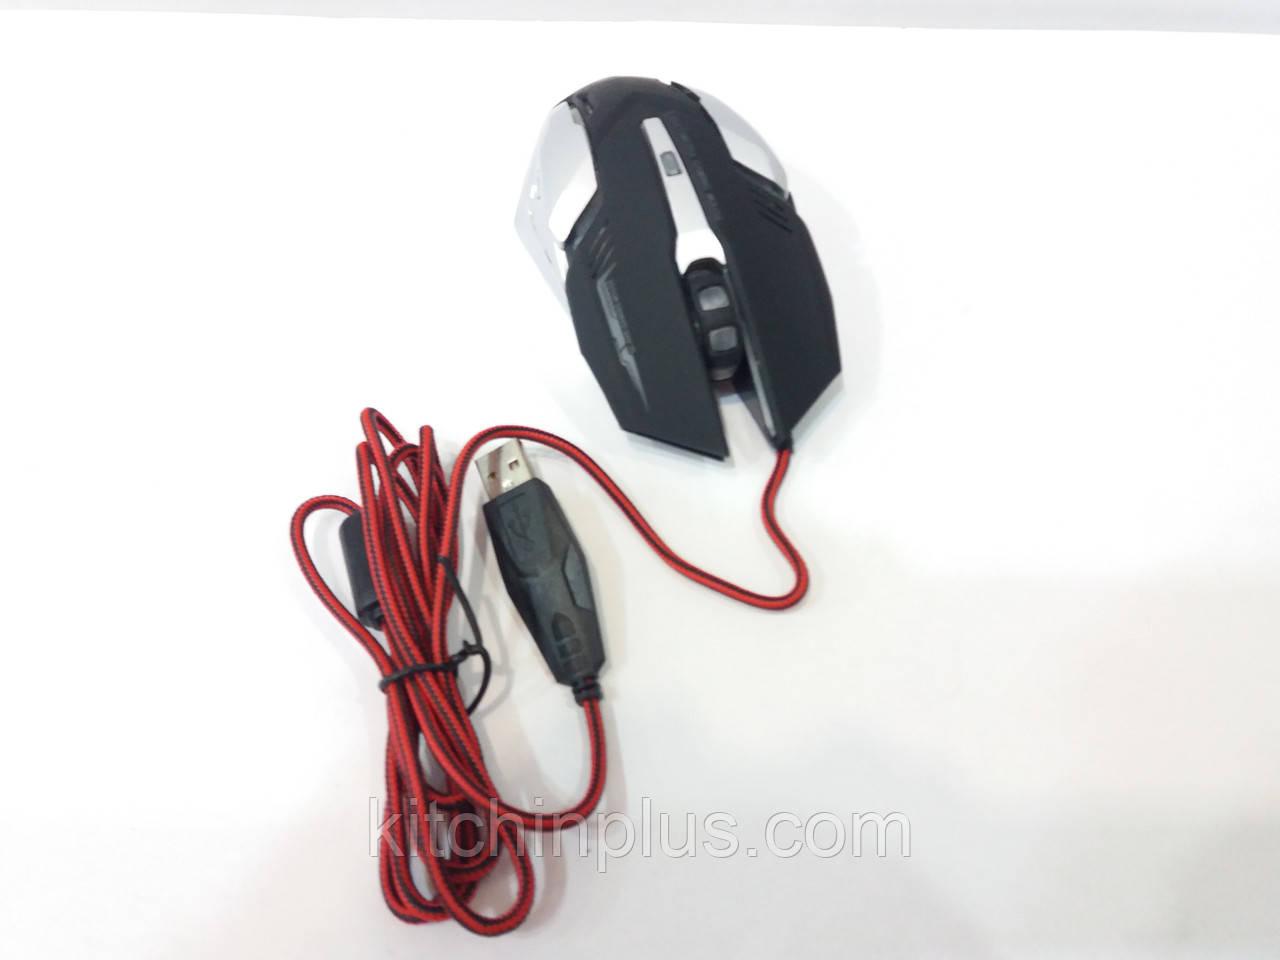 Мышь компьютерная 6D игровая